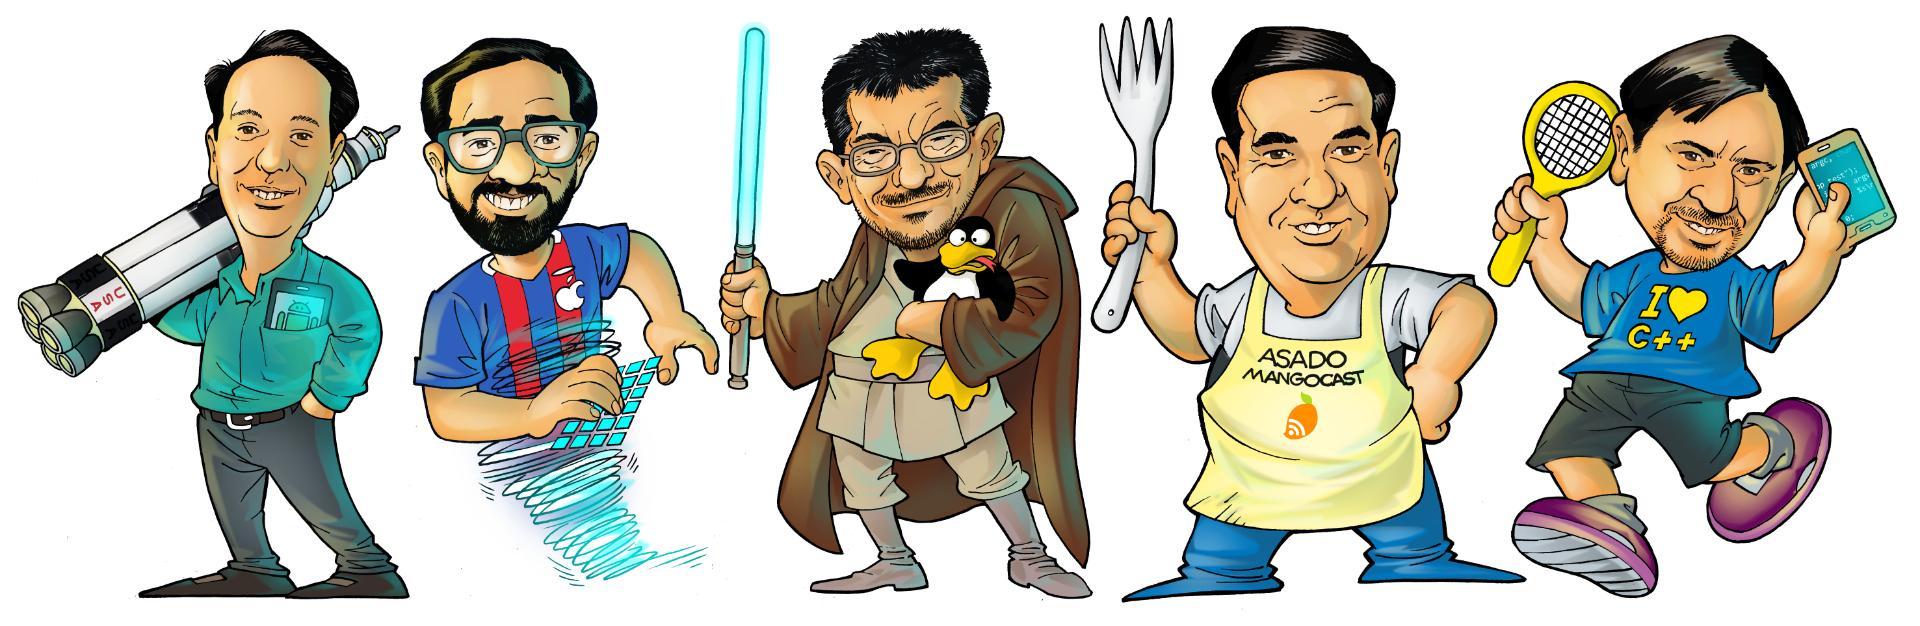 caricaturas del panel de Mangocast